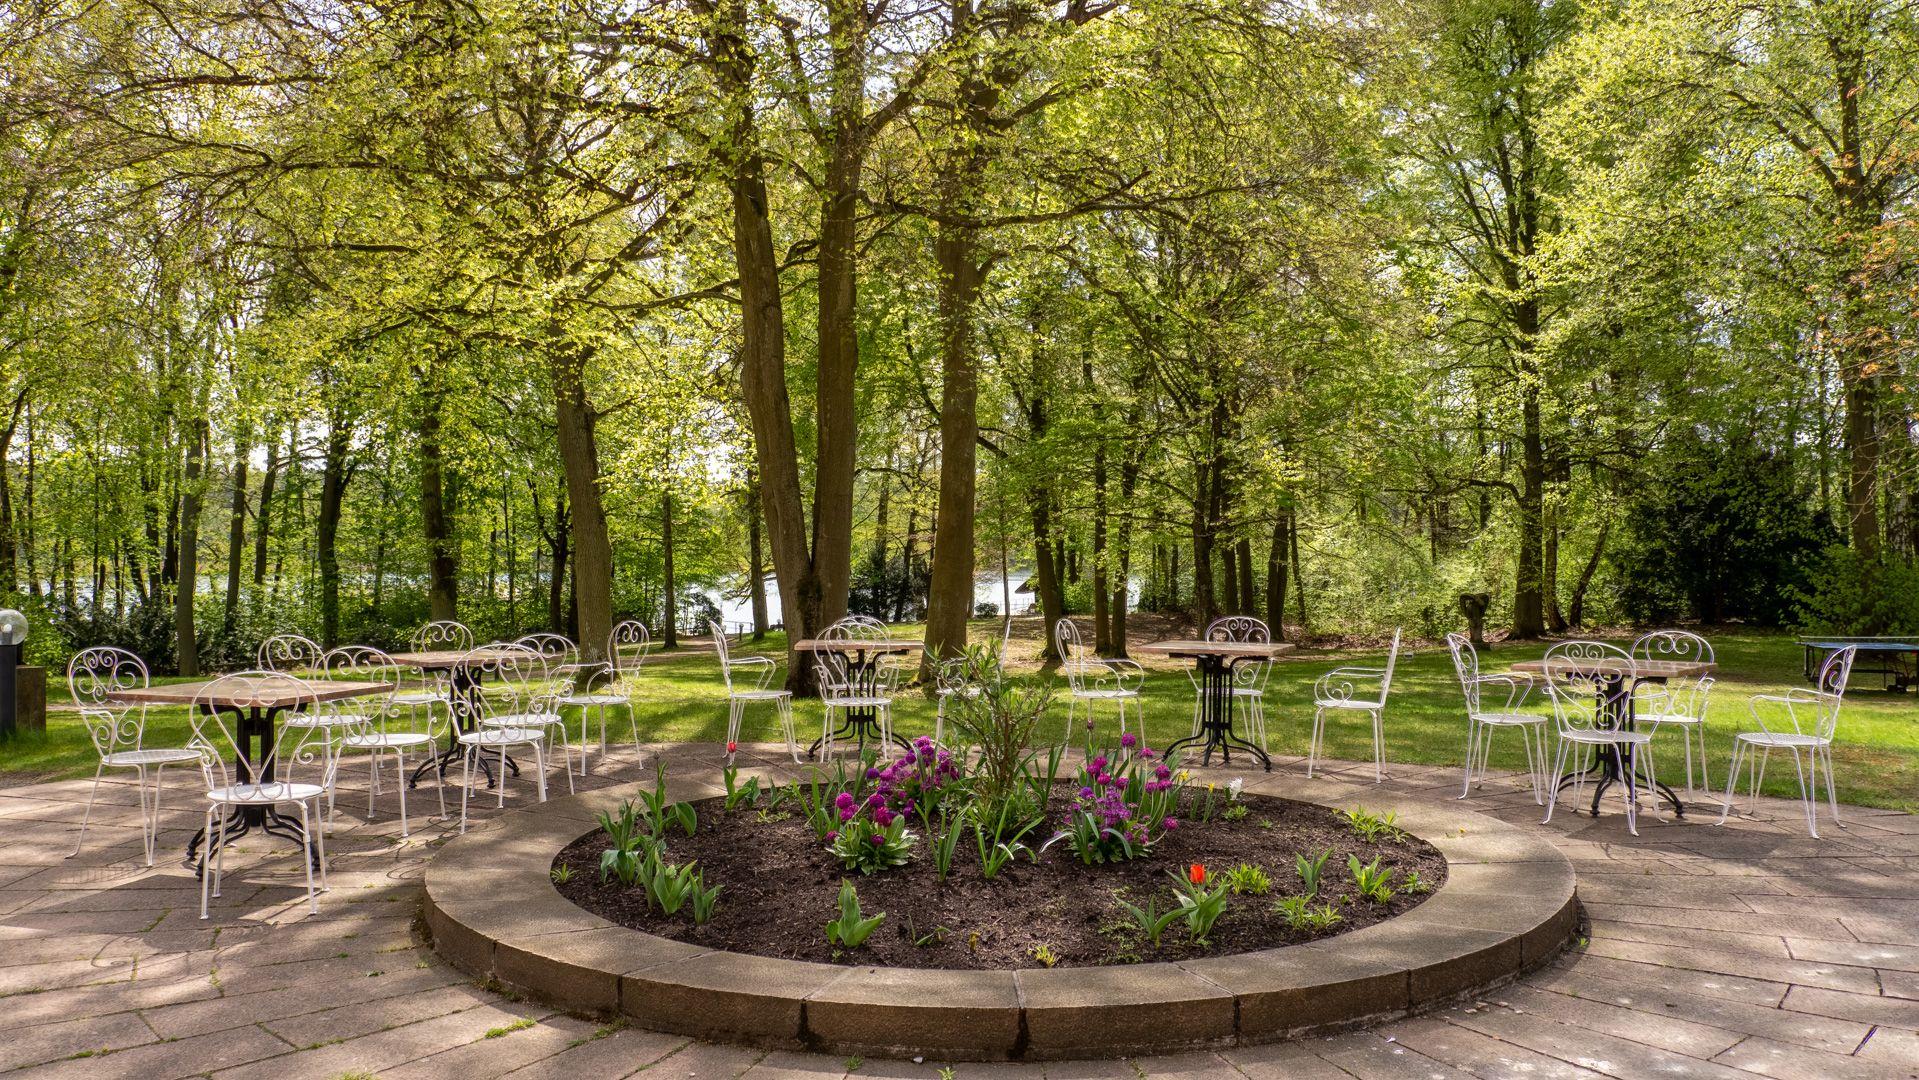 Frühling am Döllnsee Urlaub, Erholung, 4 sterne hotel